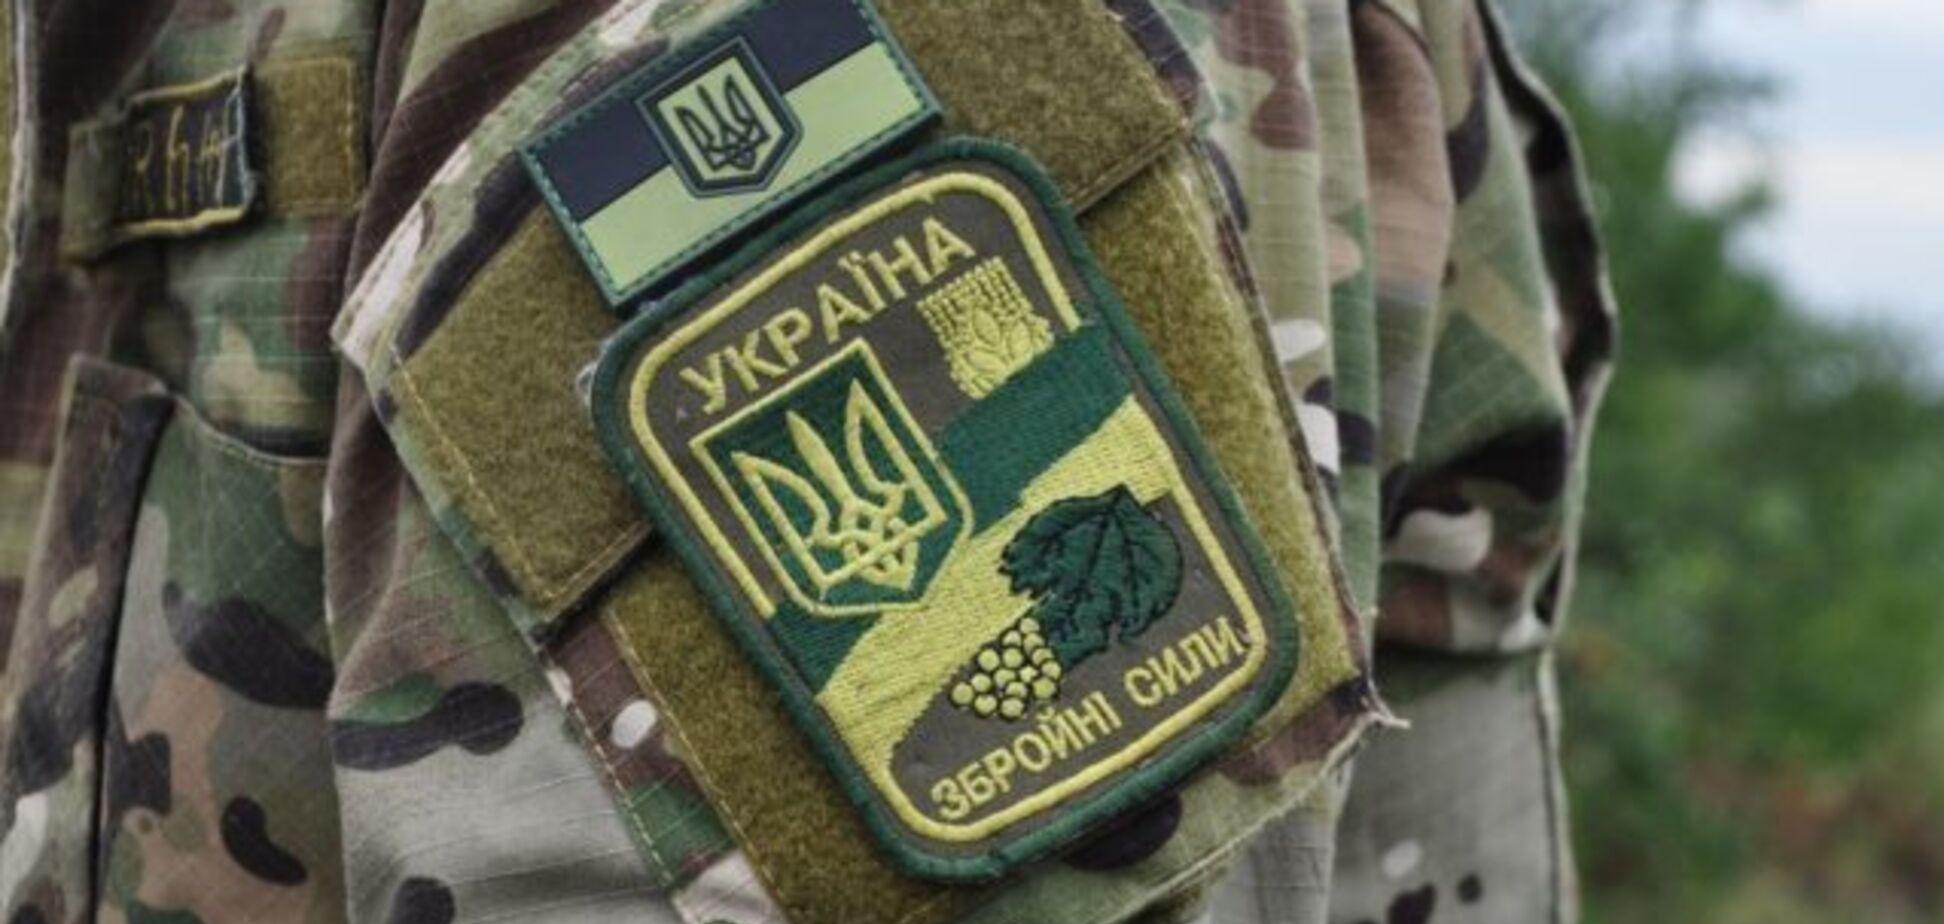 Якщо голову забезпеченого бiйця на чудовому танку заповнить путiнська 'вата', Українi нiчого доброго не свiтить